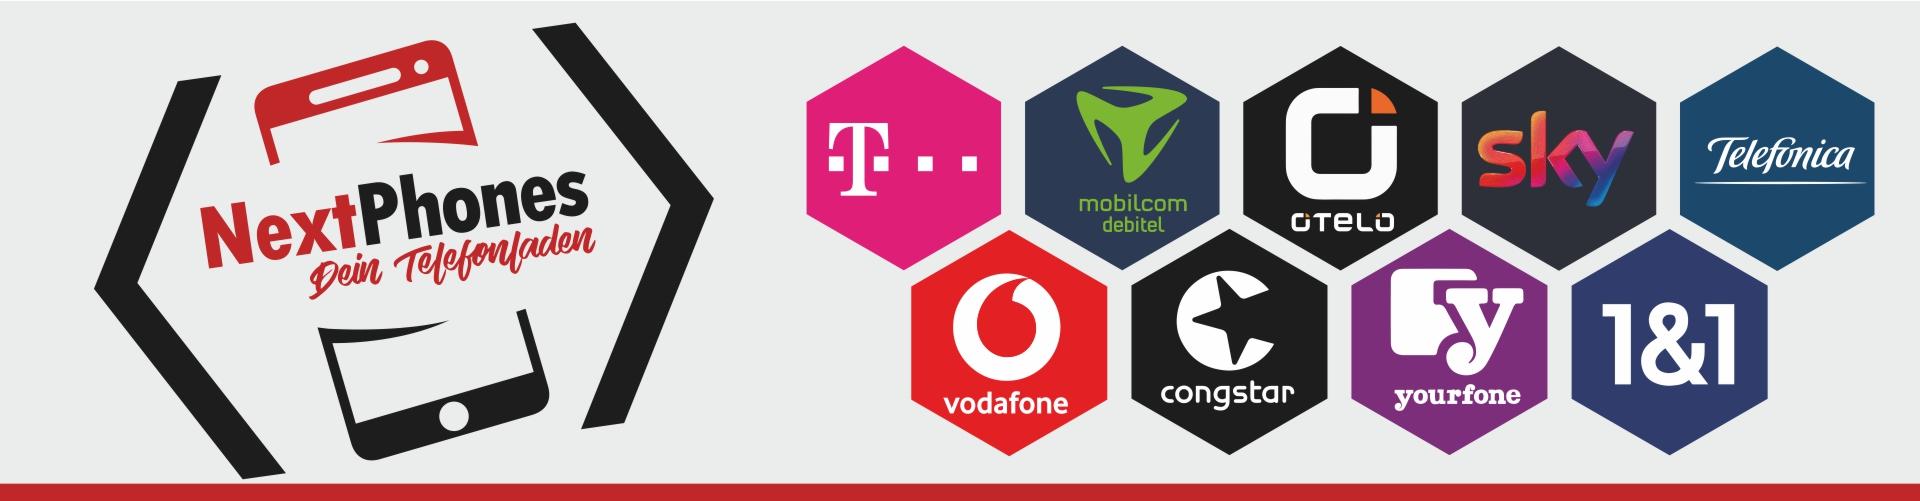 Nextphones_Banner_Unterseiten